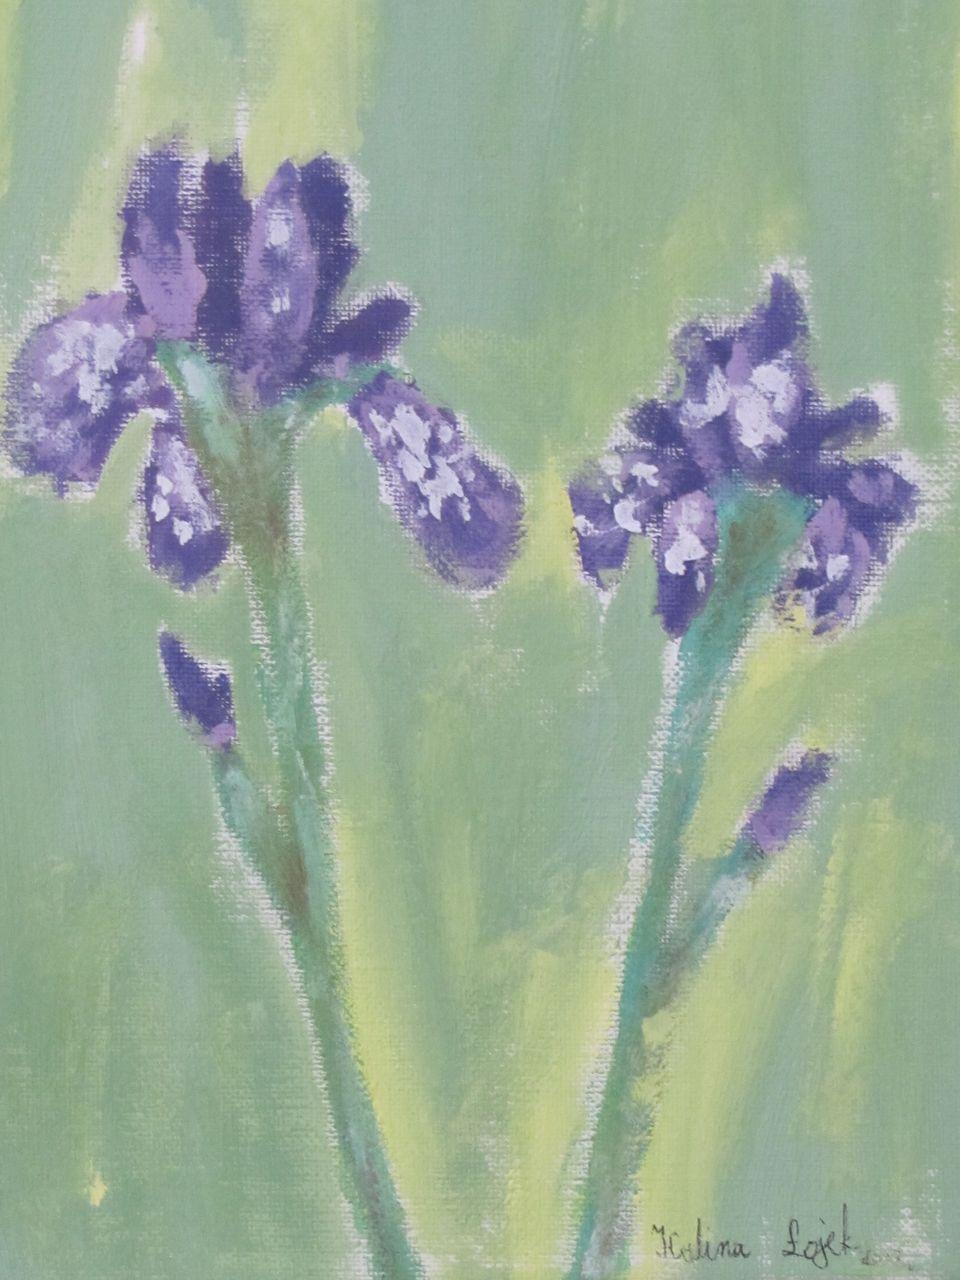 Kwiatki zakwitły, farby akrylowe, Kalina Łojek